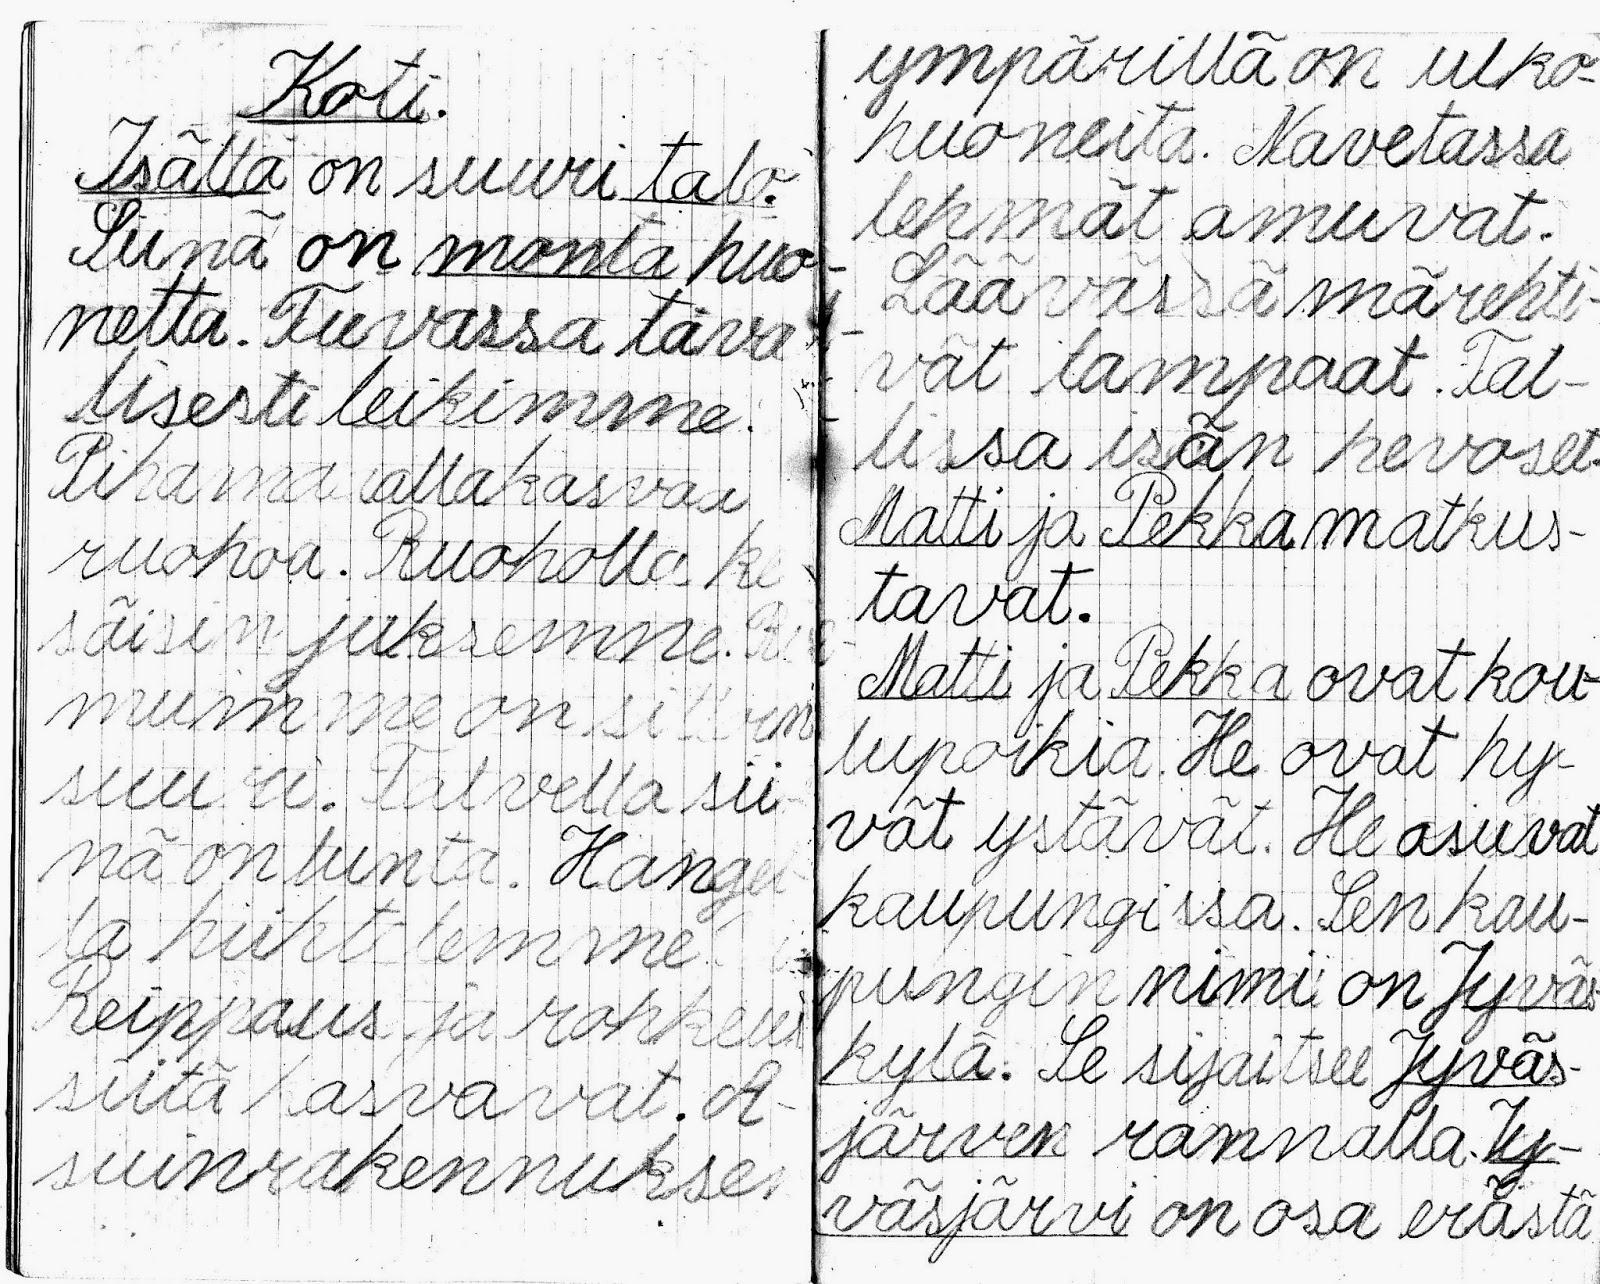 Kaunokirjoitus